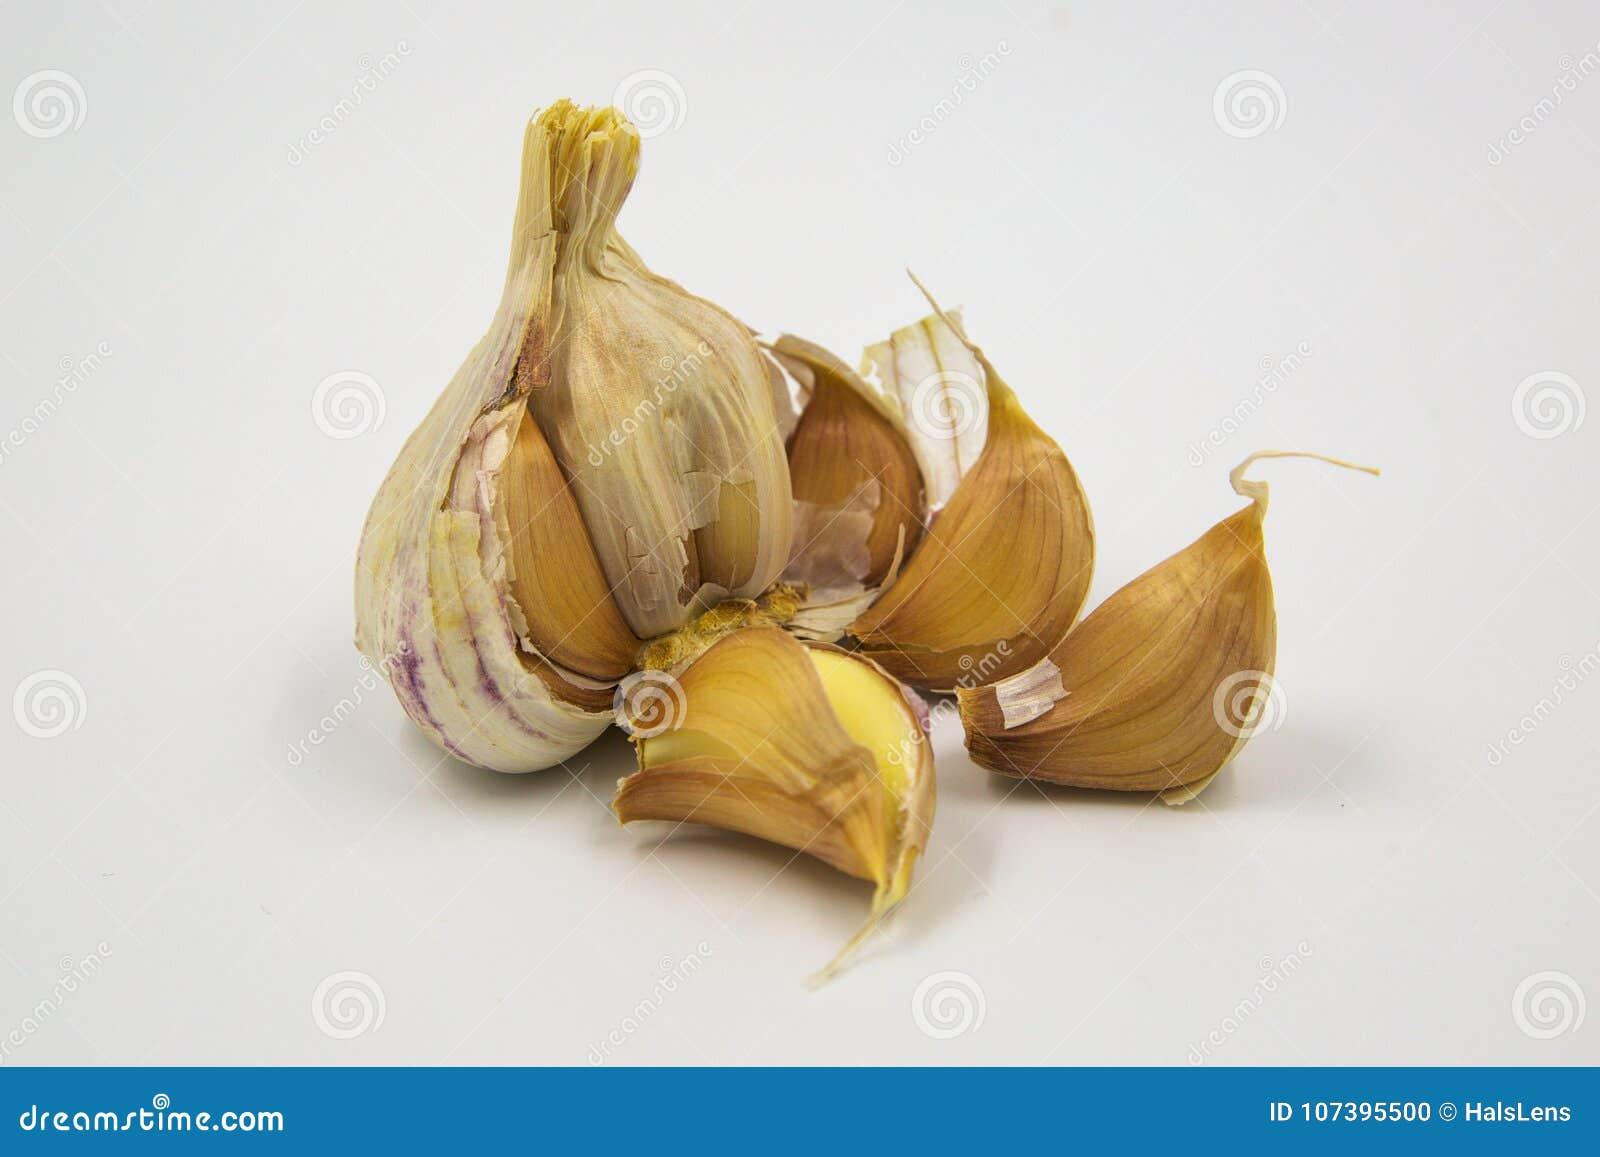 Chiodi di garofano di aglio porpora